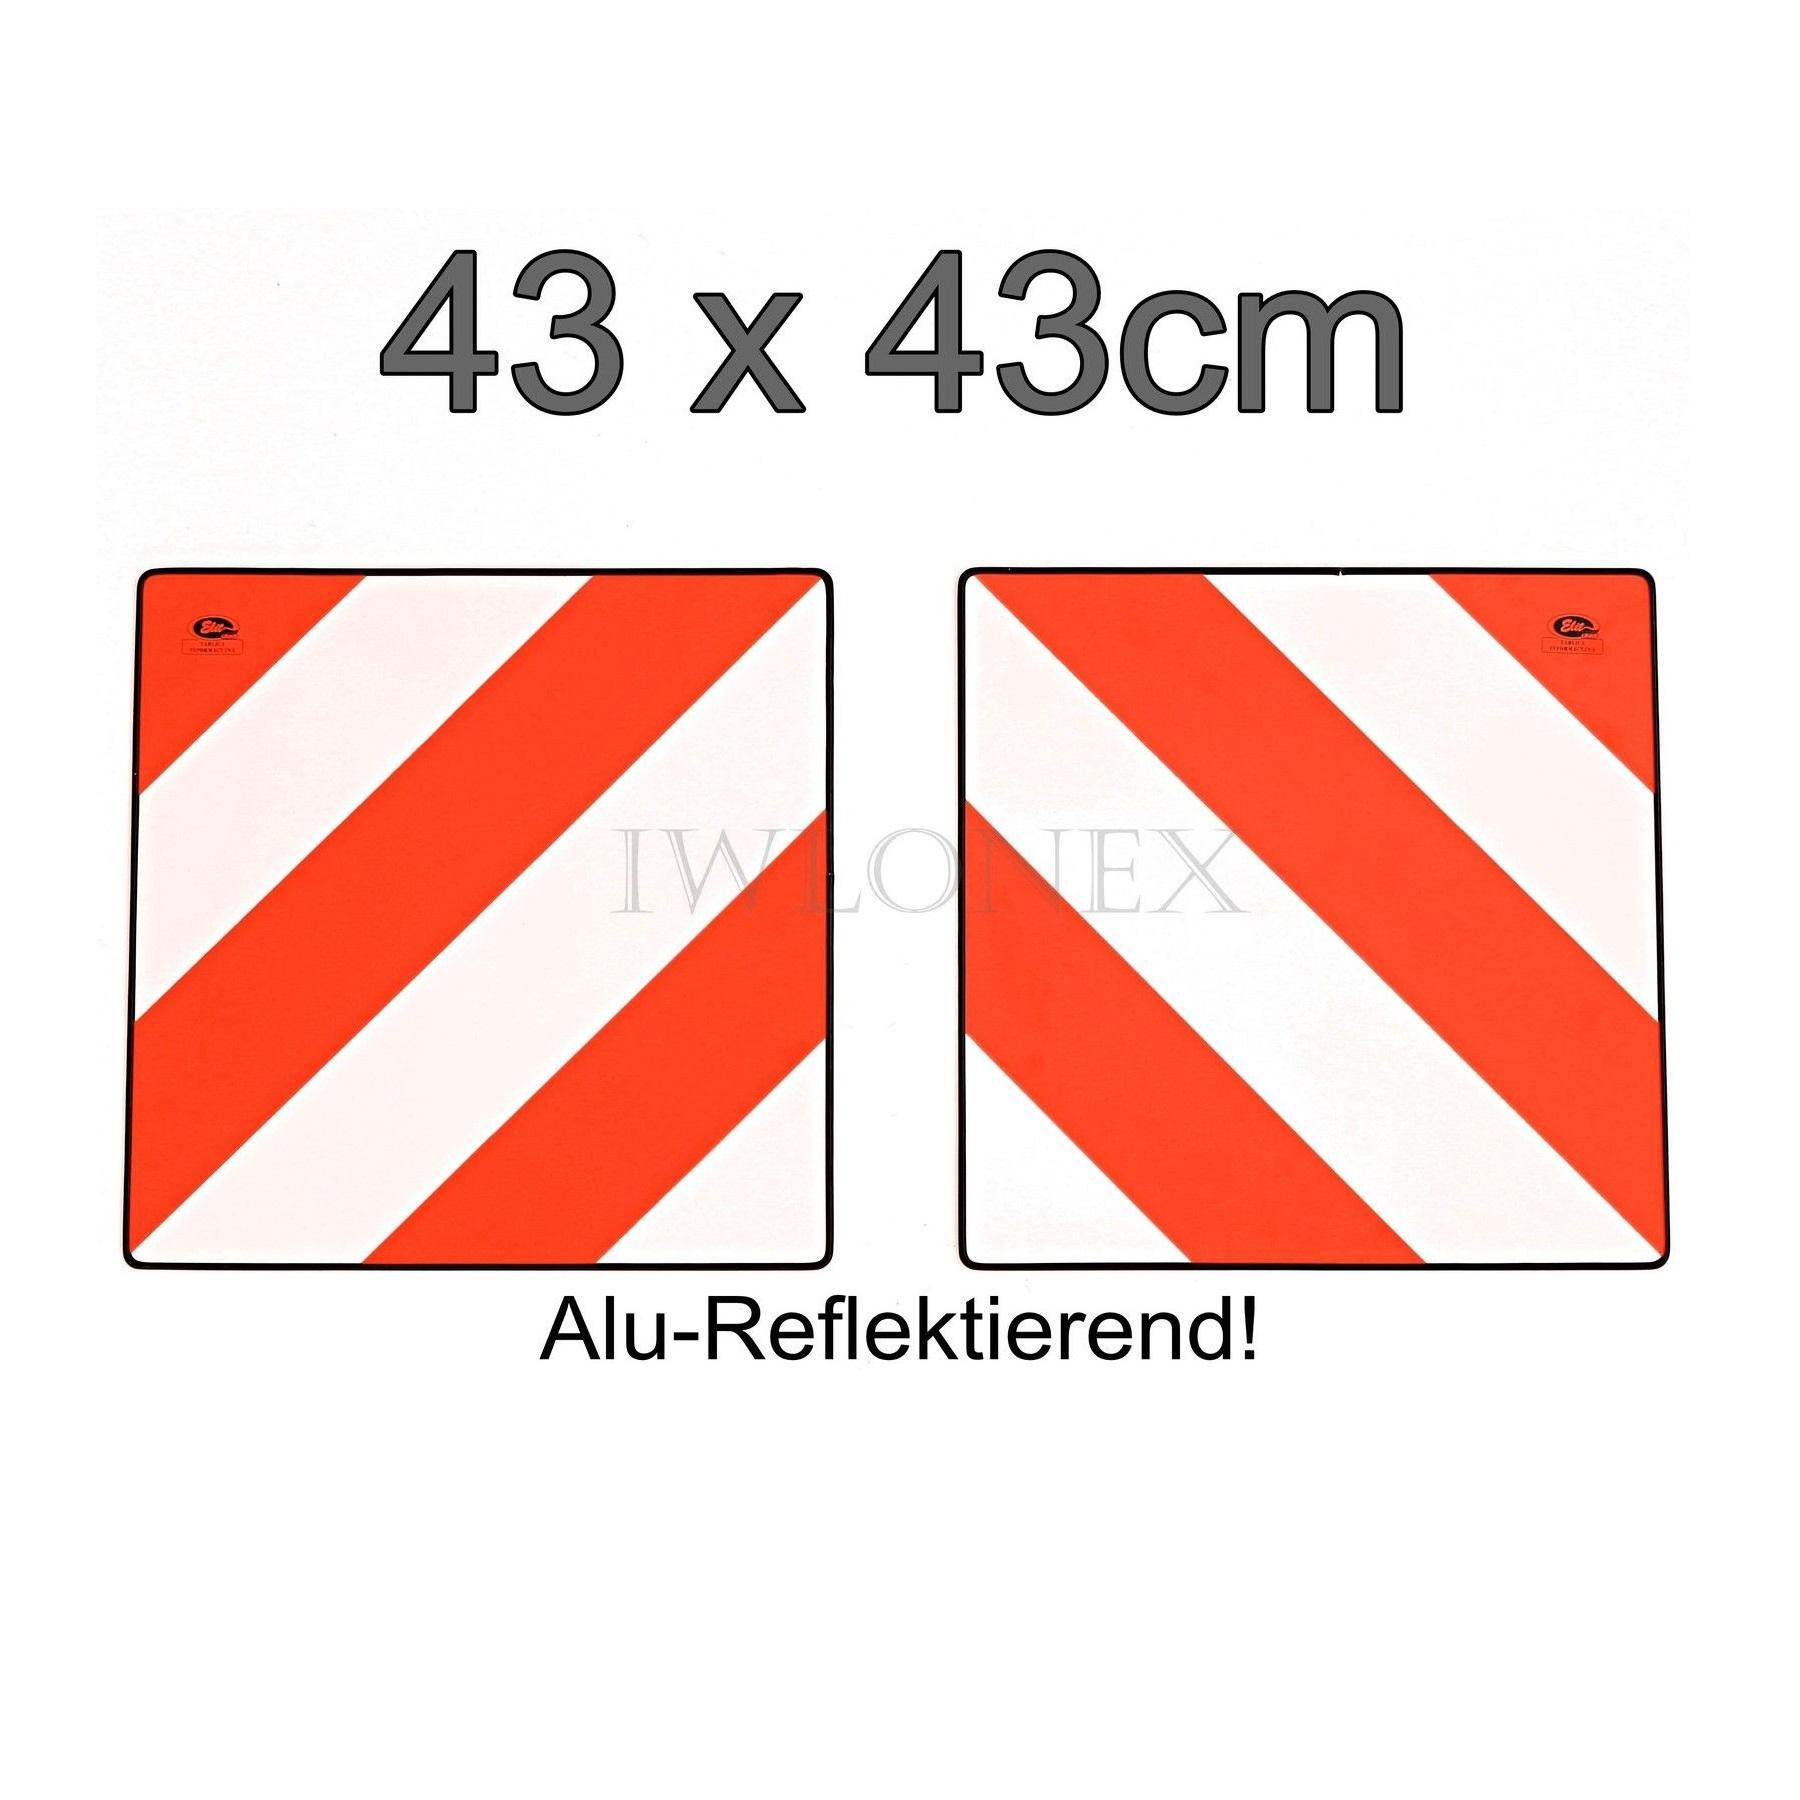 s l1600 12 - 2x WARNSCHILD ALU REFLEKTIEREND HECKMARKIERUNG